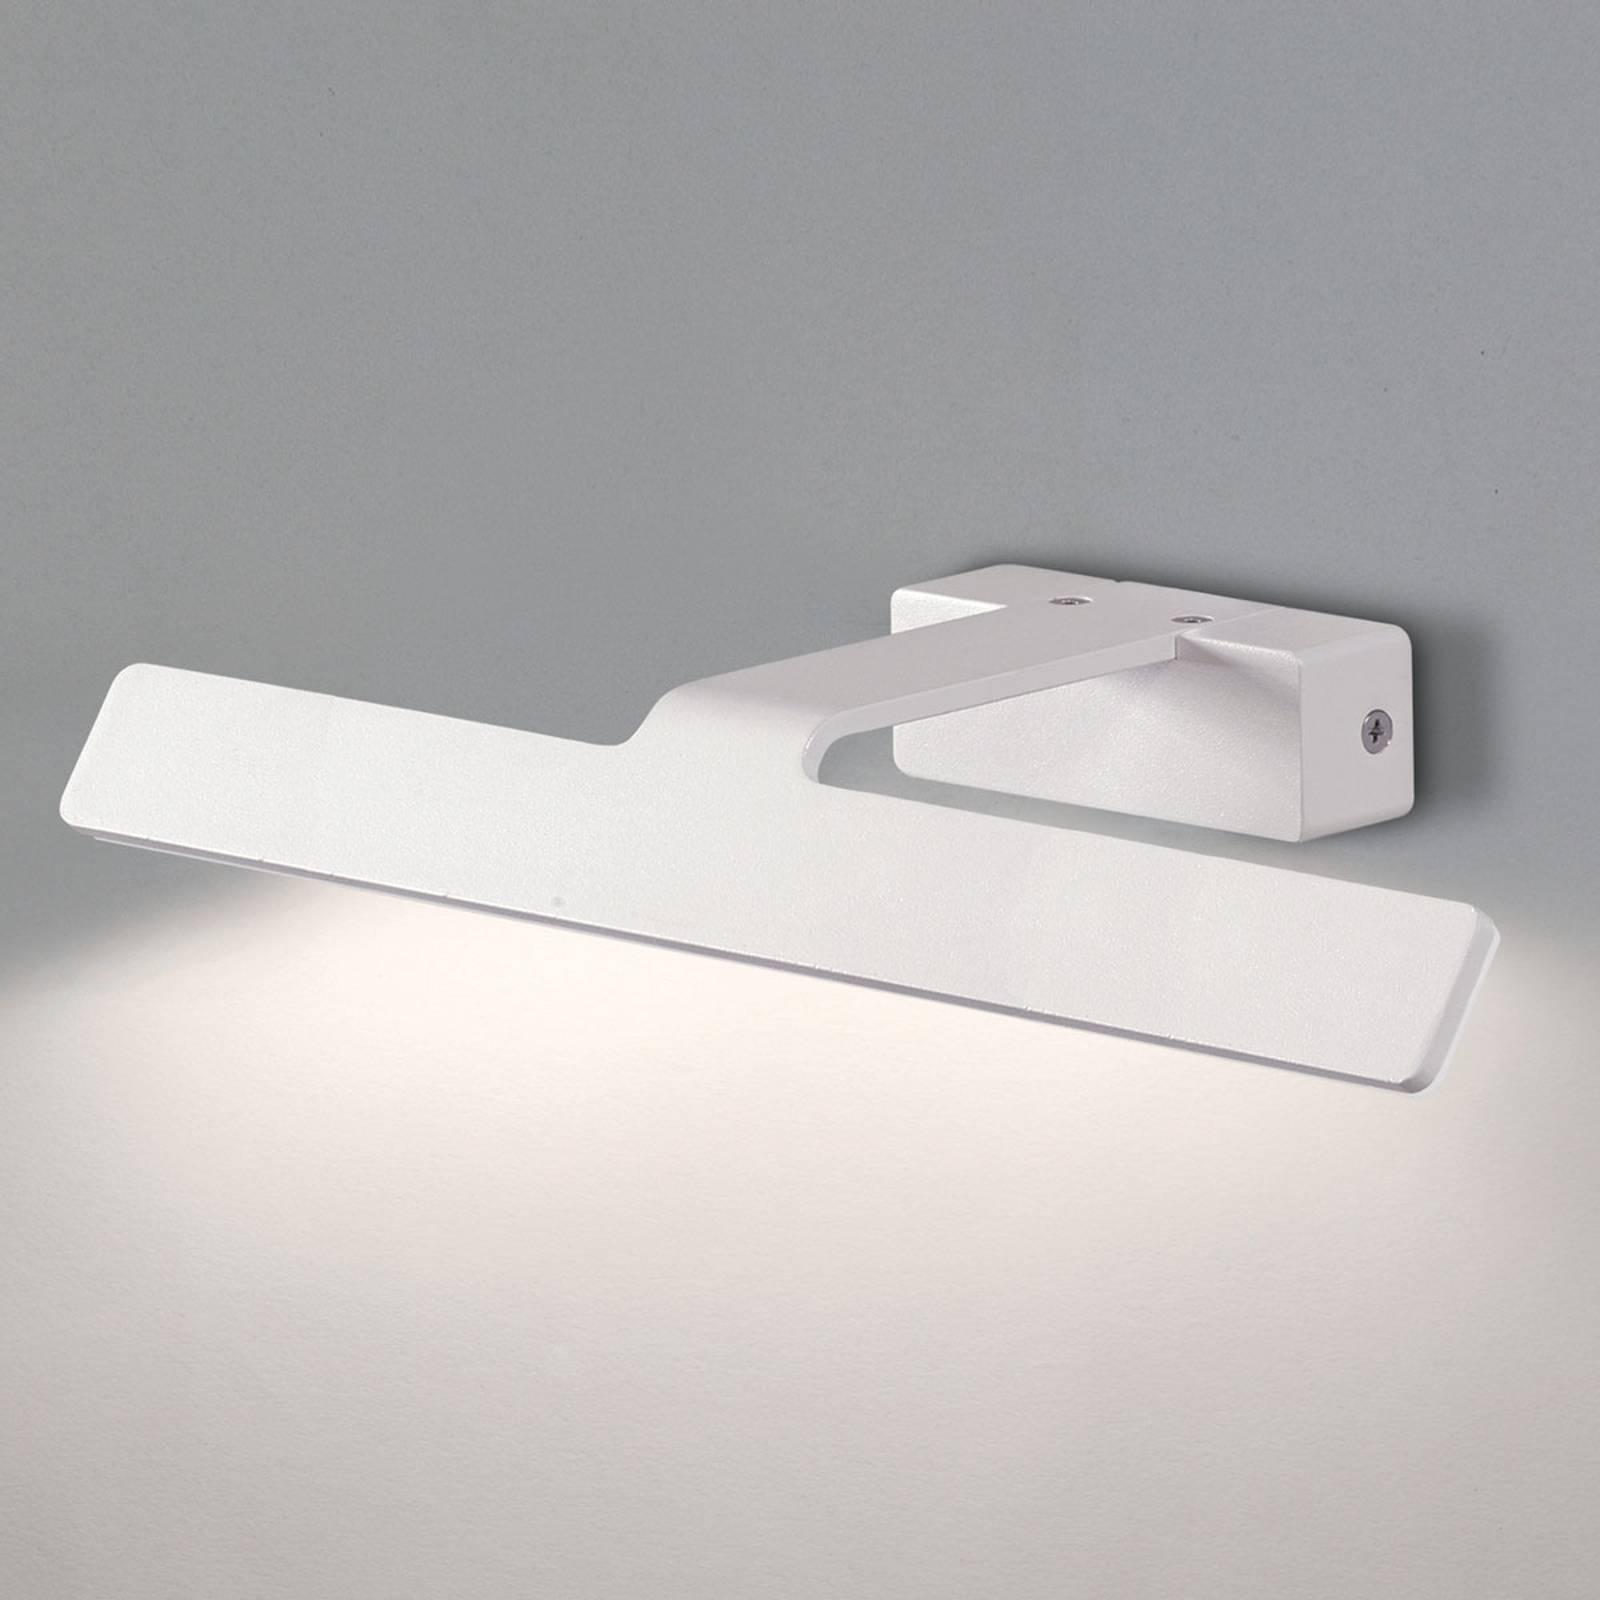 Valkoinen LED-tauluvalaisin Neus - leveys 36 cm